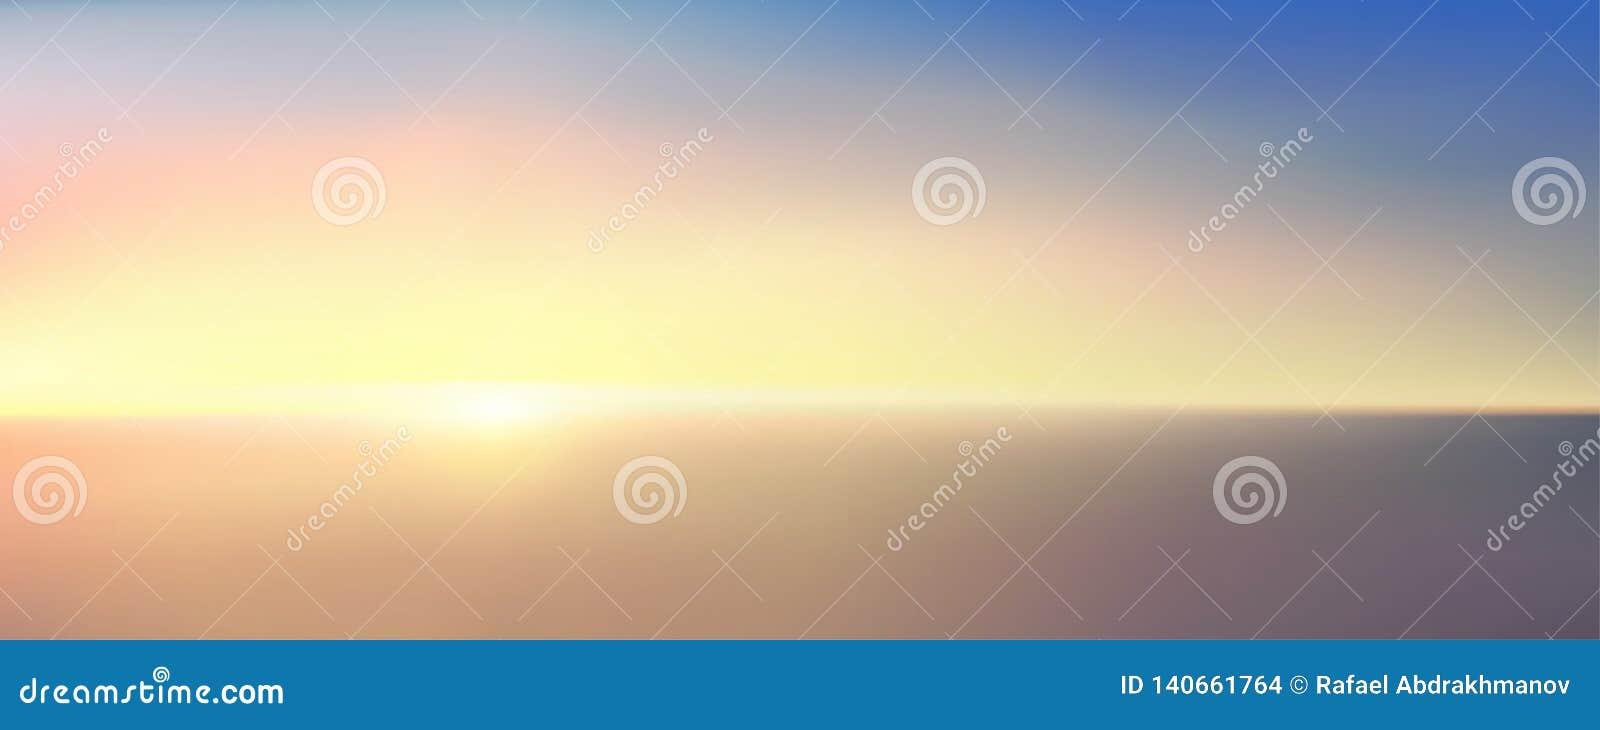 Abstract luchtpanorama van zonsopgang over oceaan Niets dan blauwe heldere hemel en diep donker water Mooie rustige scène